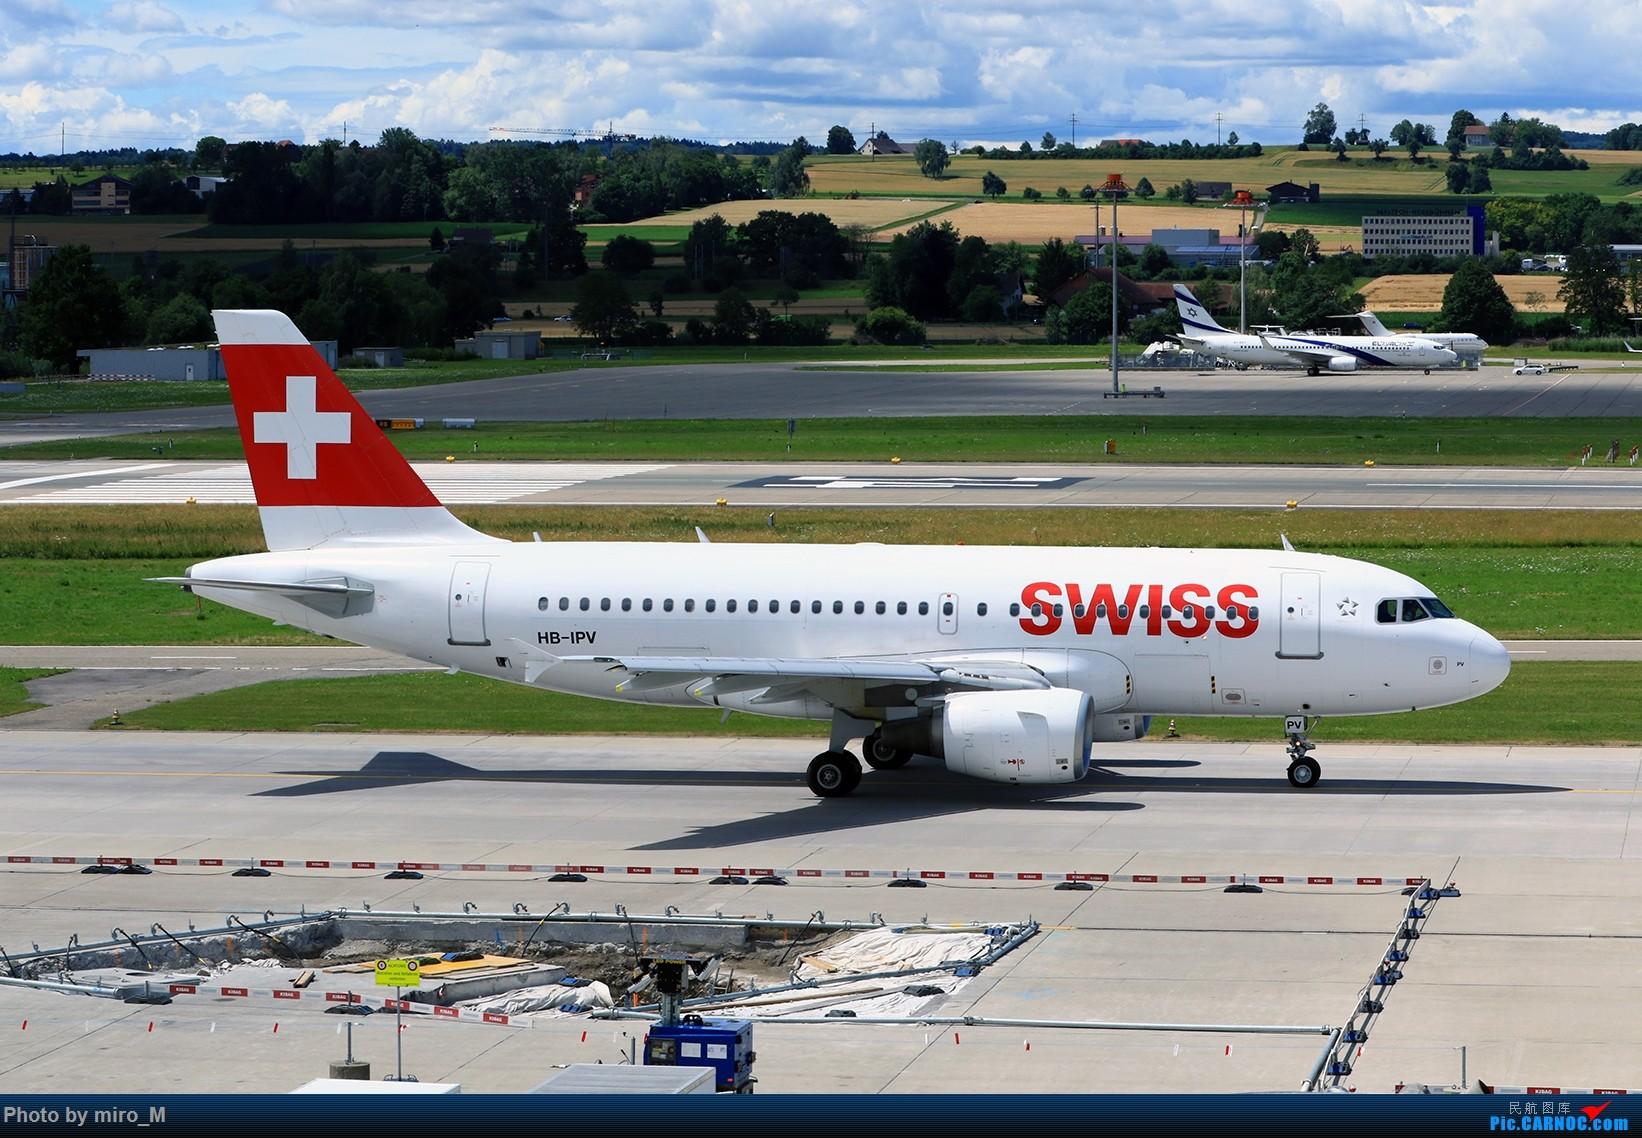 Re:[原创]欧洲浪了一圈,CS100,BAE146,fokker70等新老机型串着飞+ZRH,MUC,FRA,AMS,TLS拍机 AIRBUS A319-100 HB-IPV ZRH